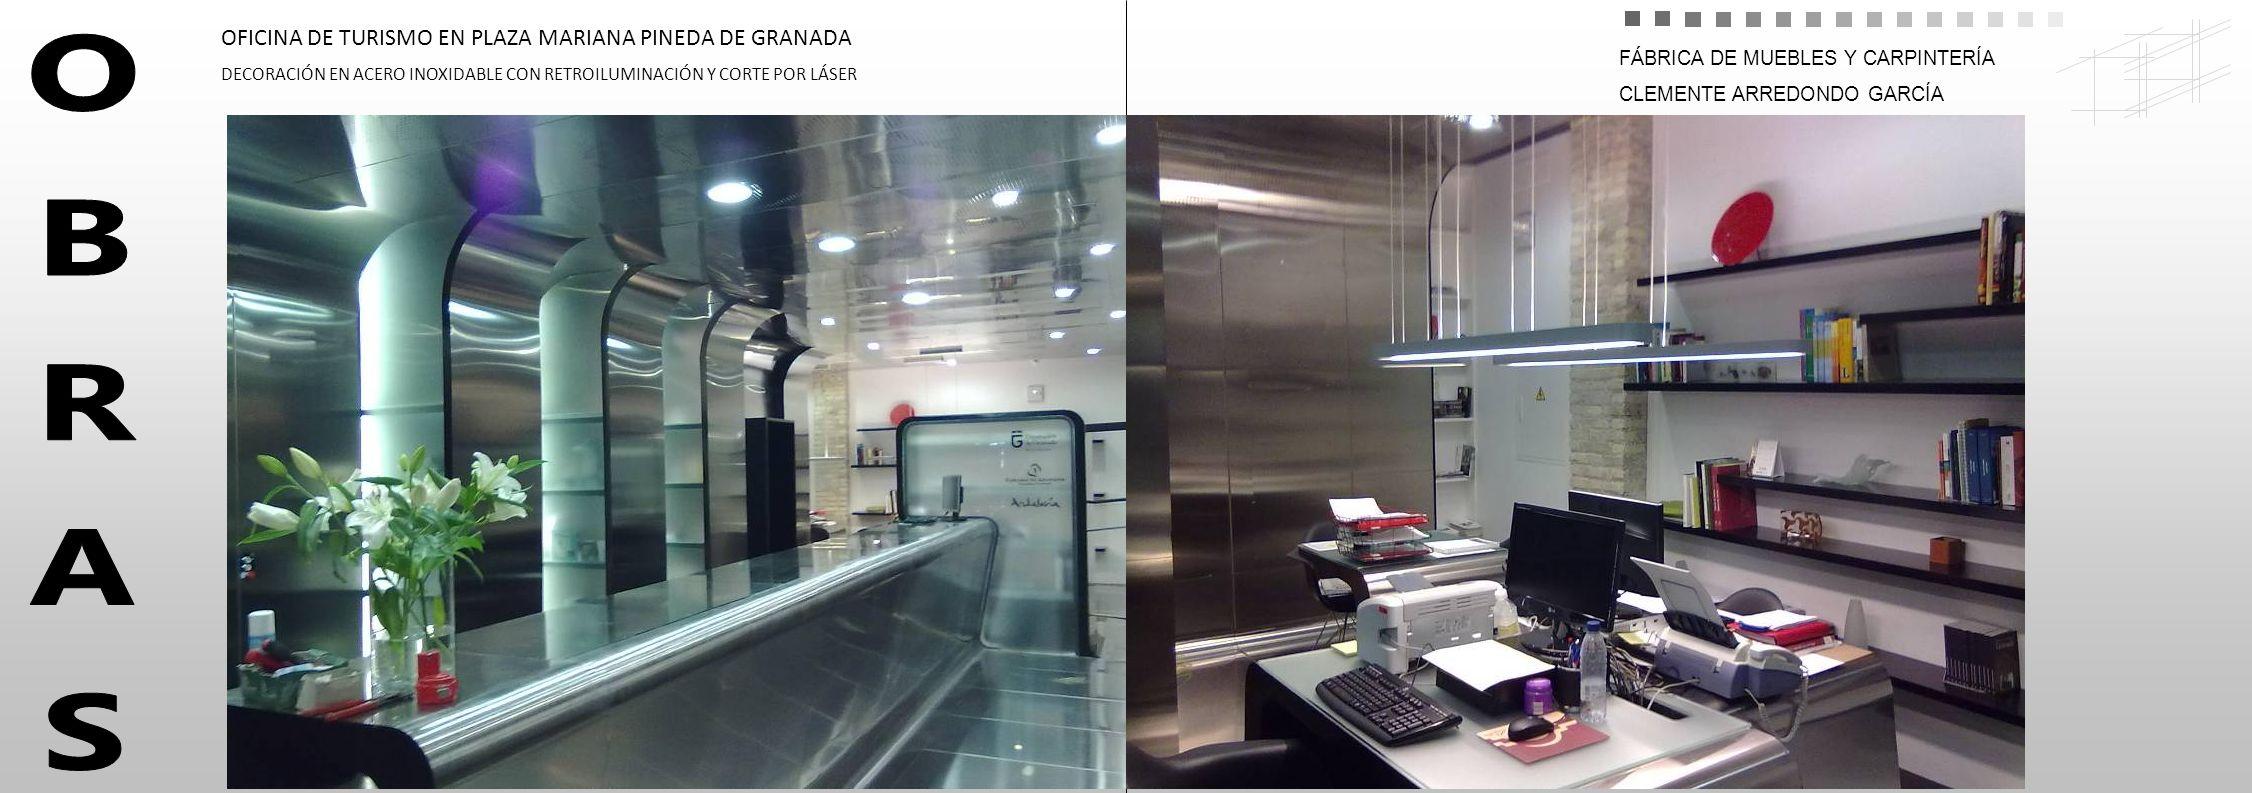 Mobiliario Oficina Granada Free Latest Mobiliario De Oficina  # Muebles De Oficina Dauro